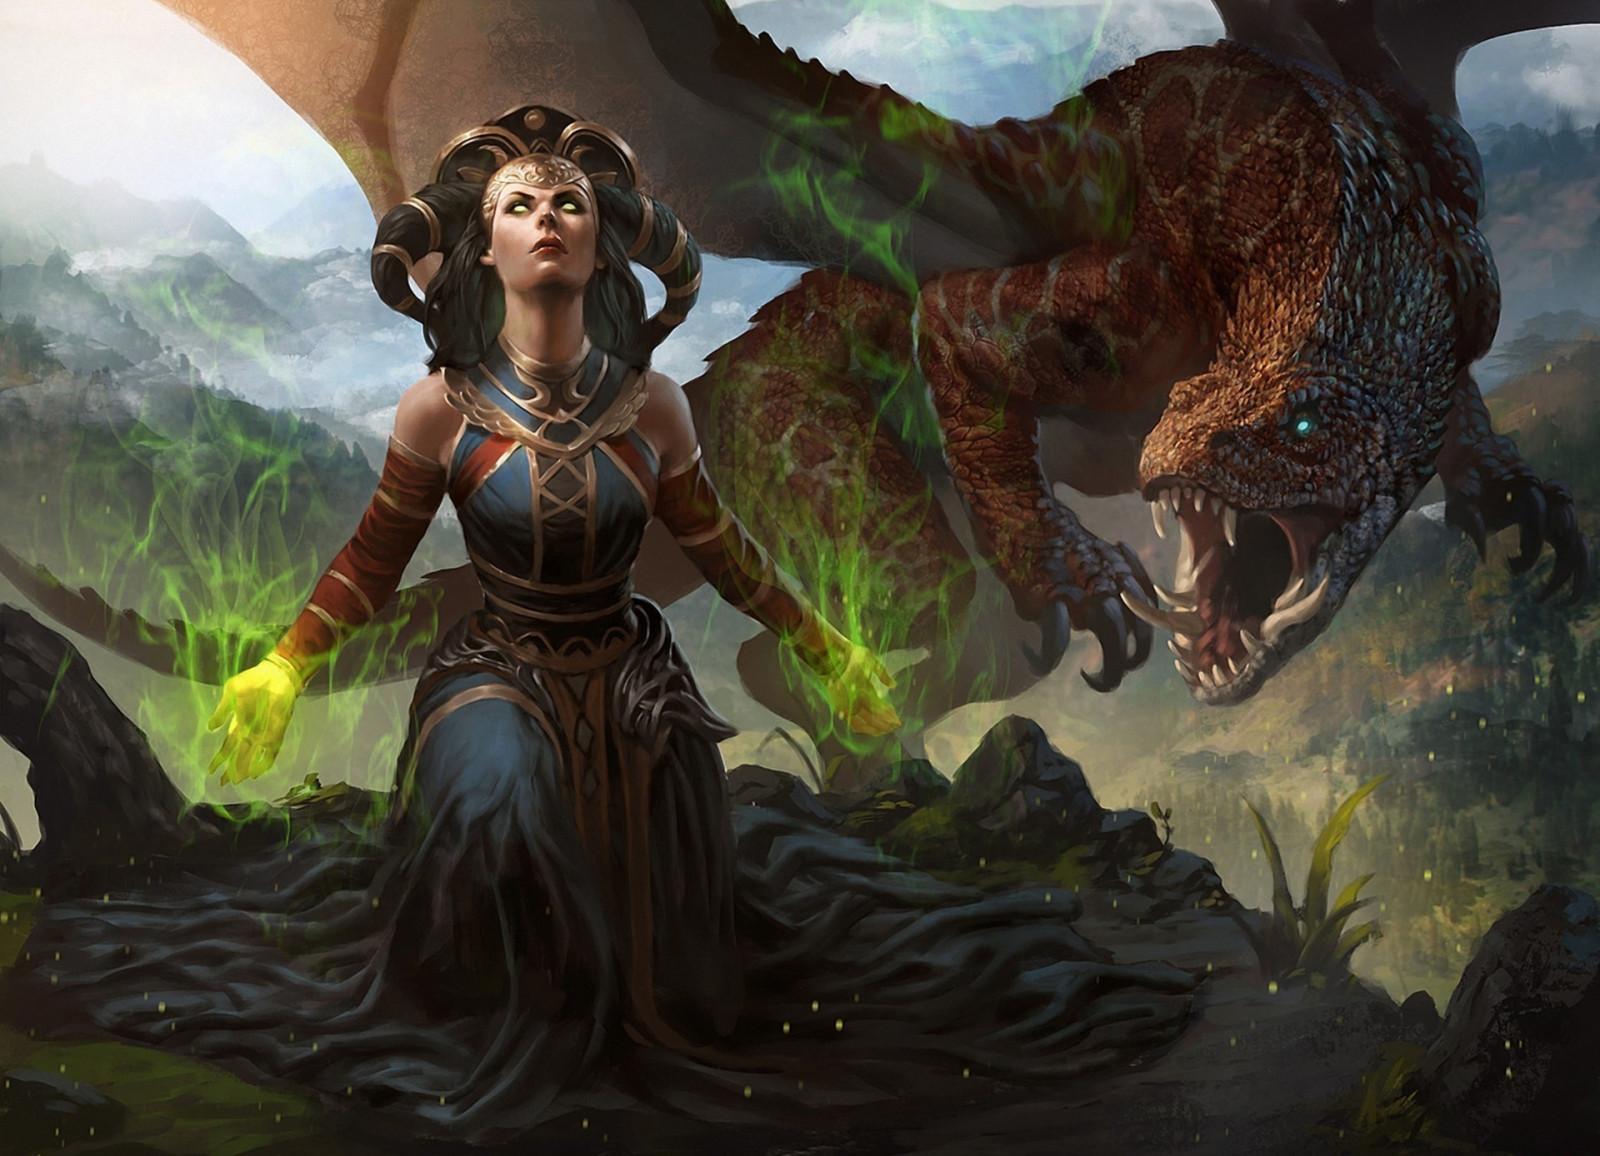 красивые картинки с драконами и ведьмами съемке рук рекомендуется